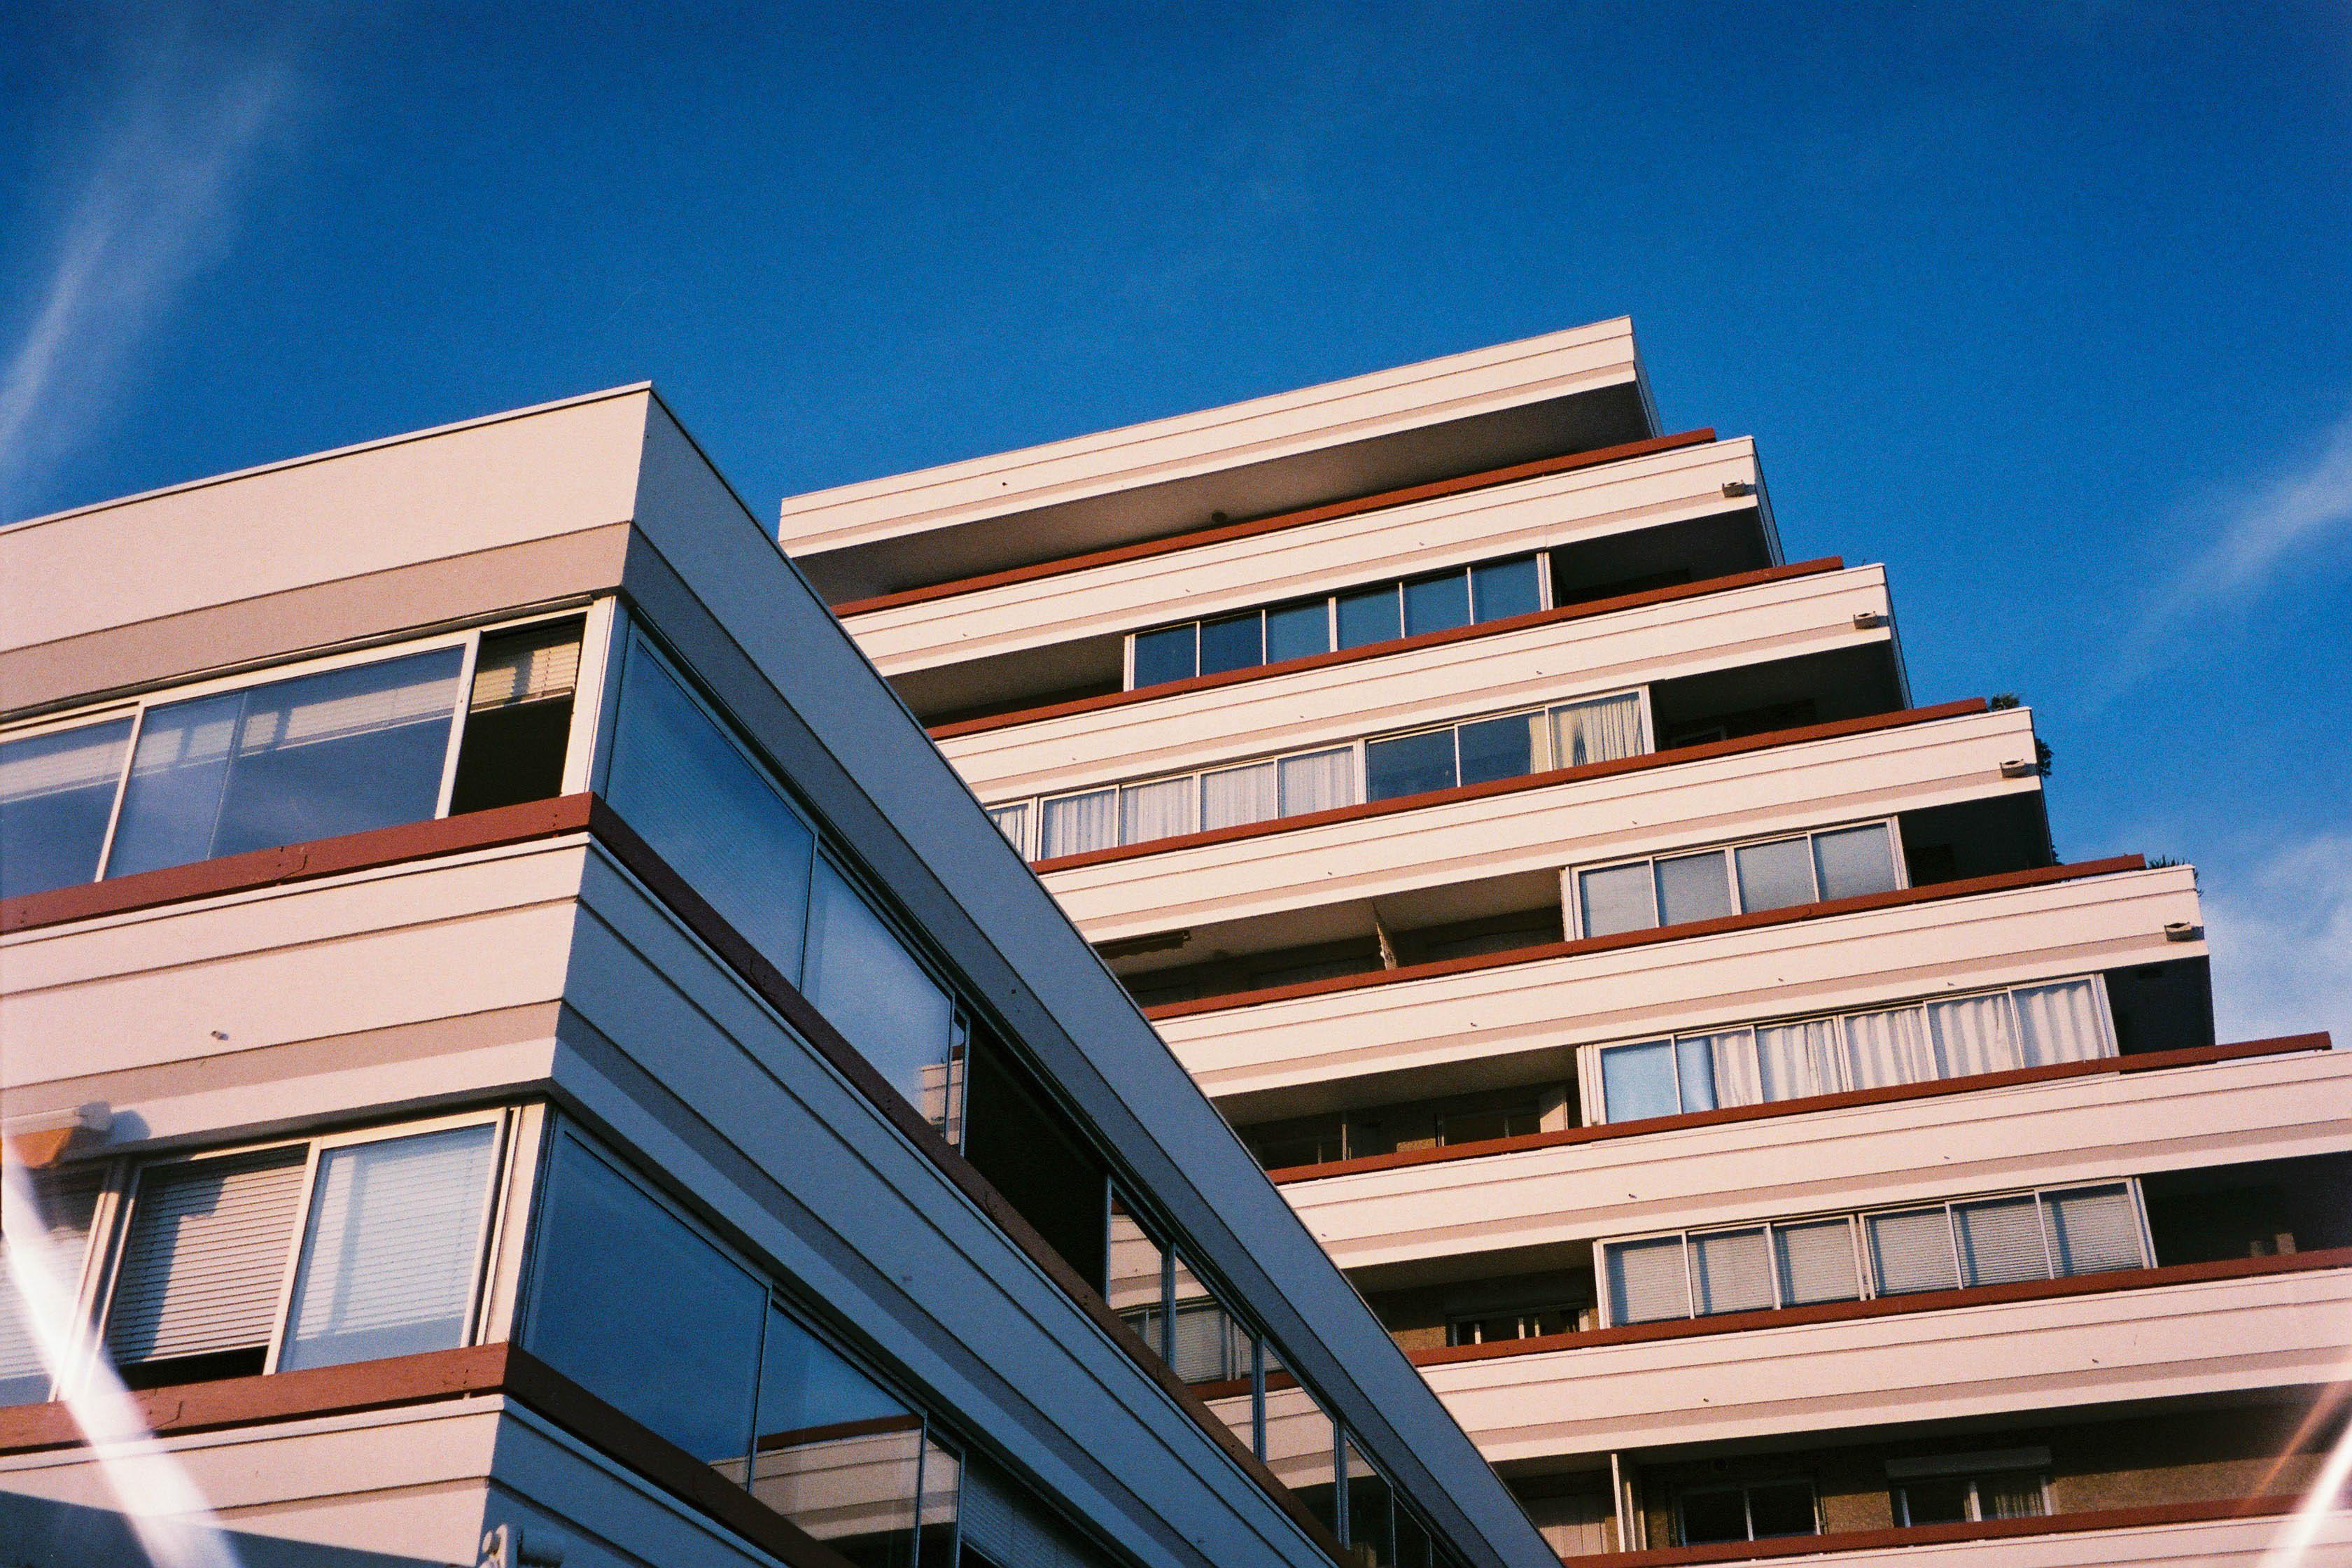 http://lafilladelfotografu.irenavisa.com/files/gimgs/106_f1000018-1.jpg